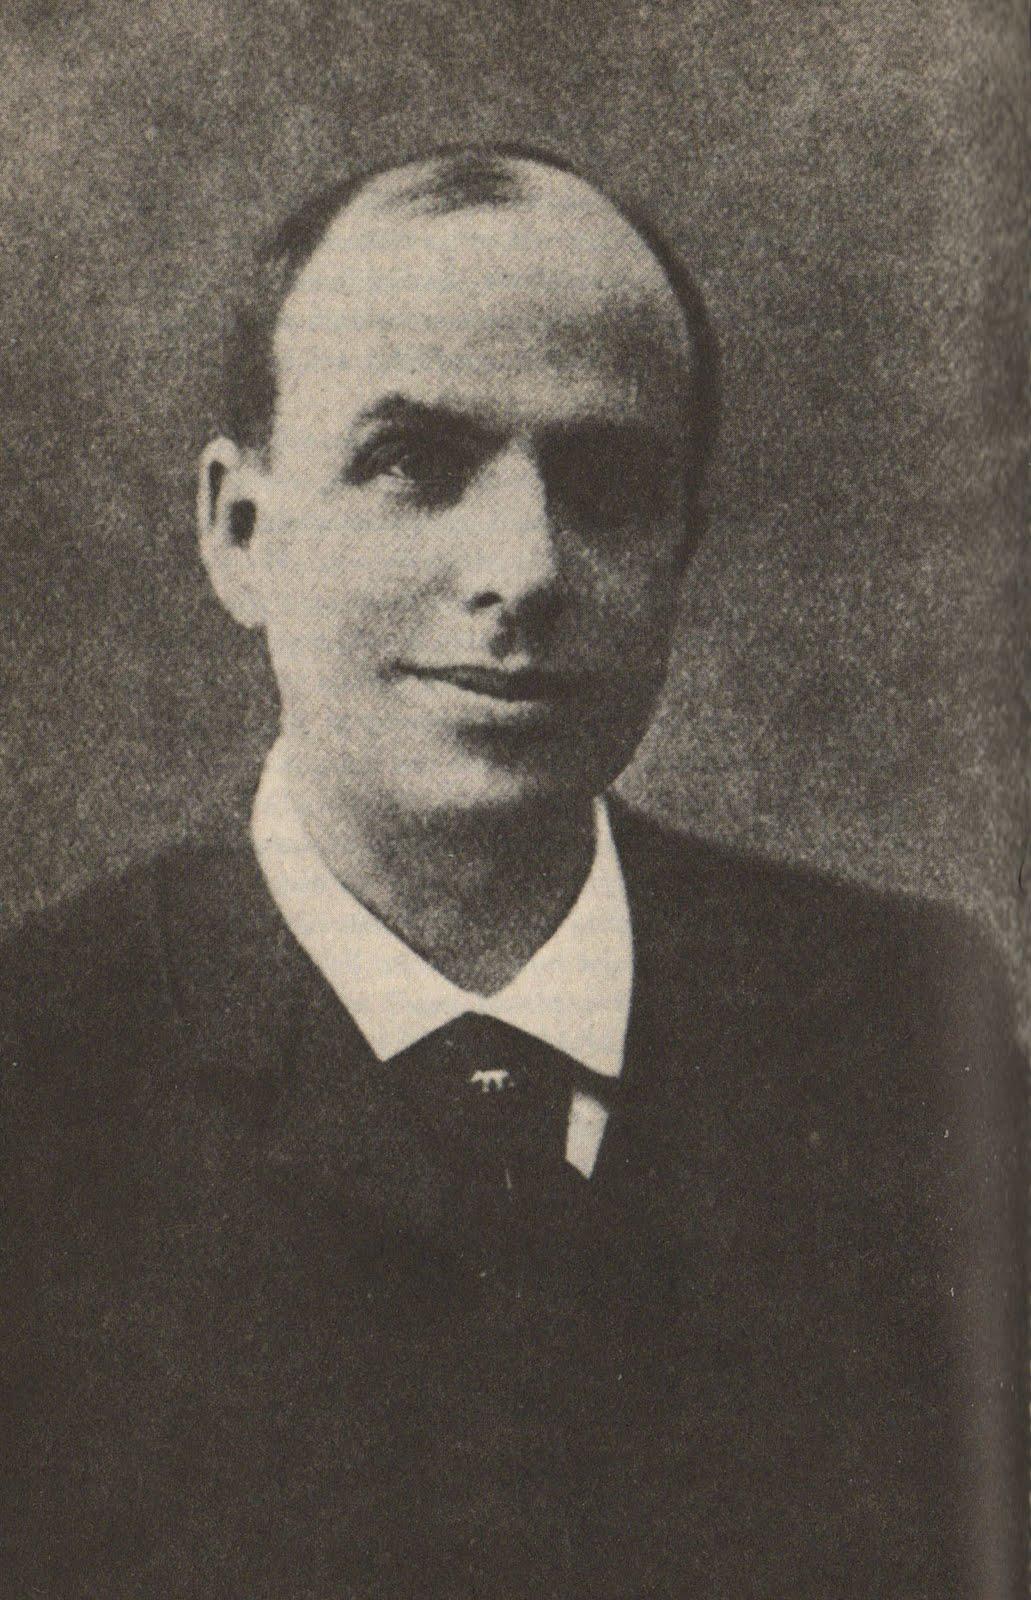 Marcel Schwob